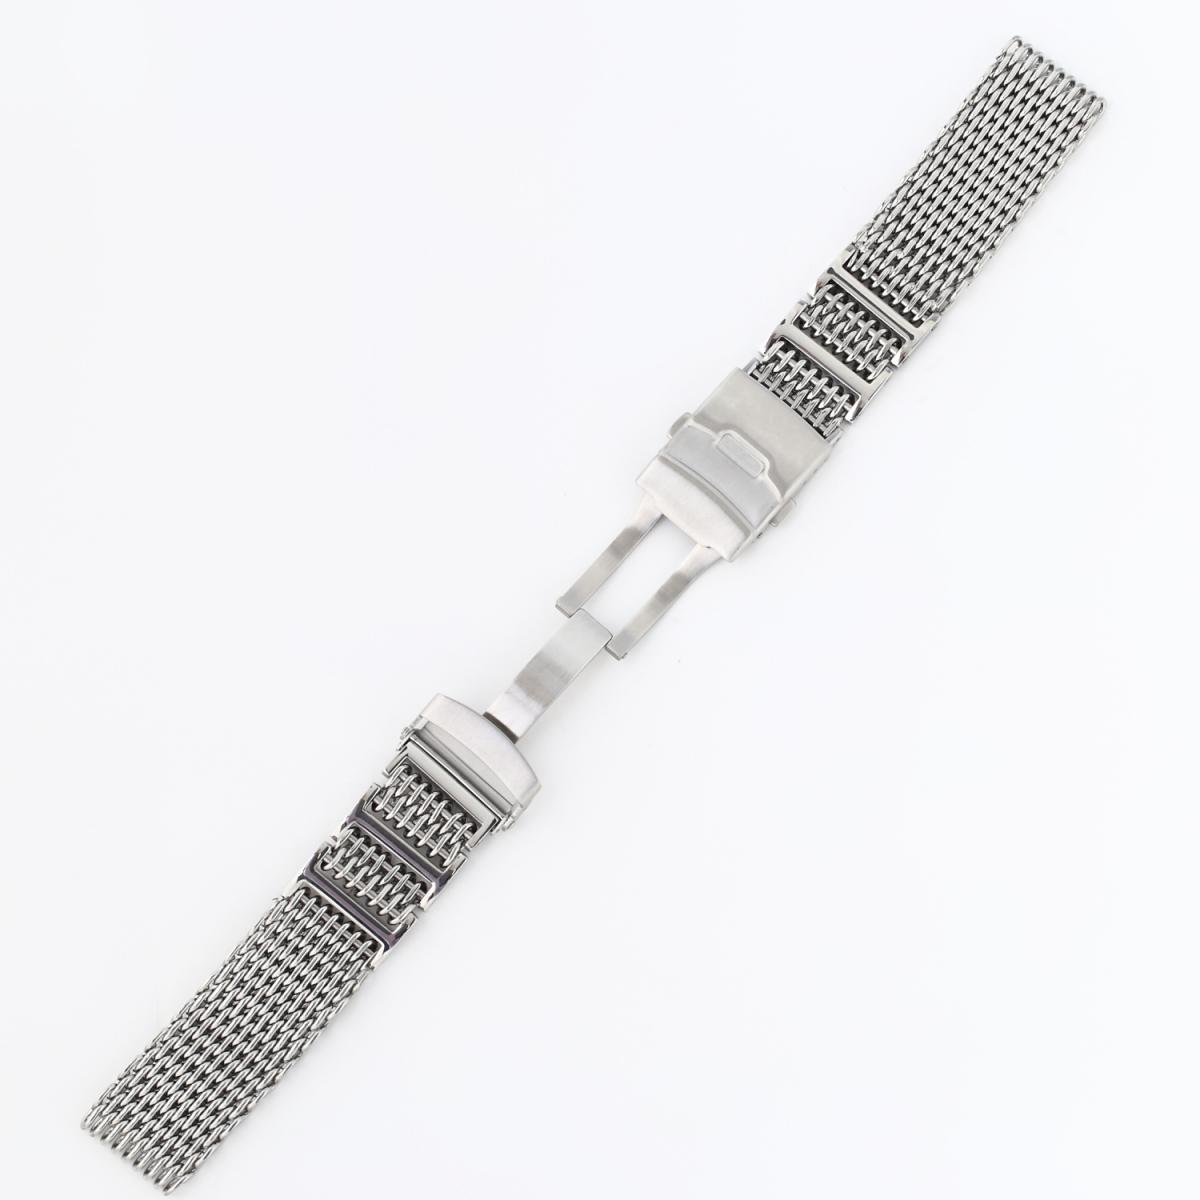 シャークメッシュ 時計ベルト 24mm Hリンク シルバーステンレス_画像3